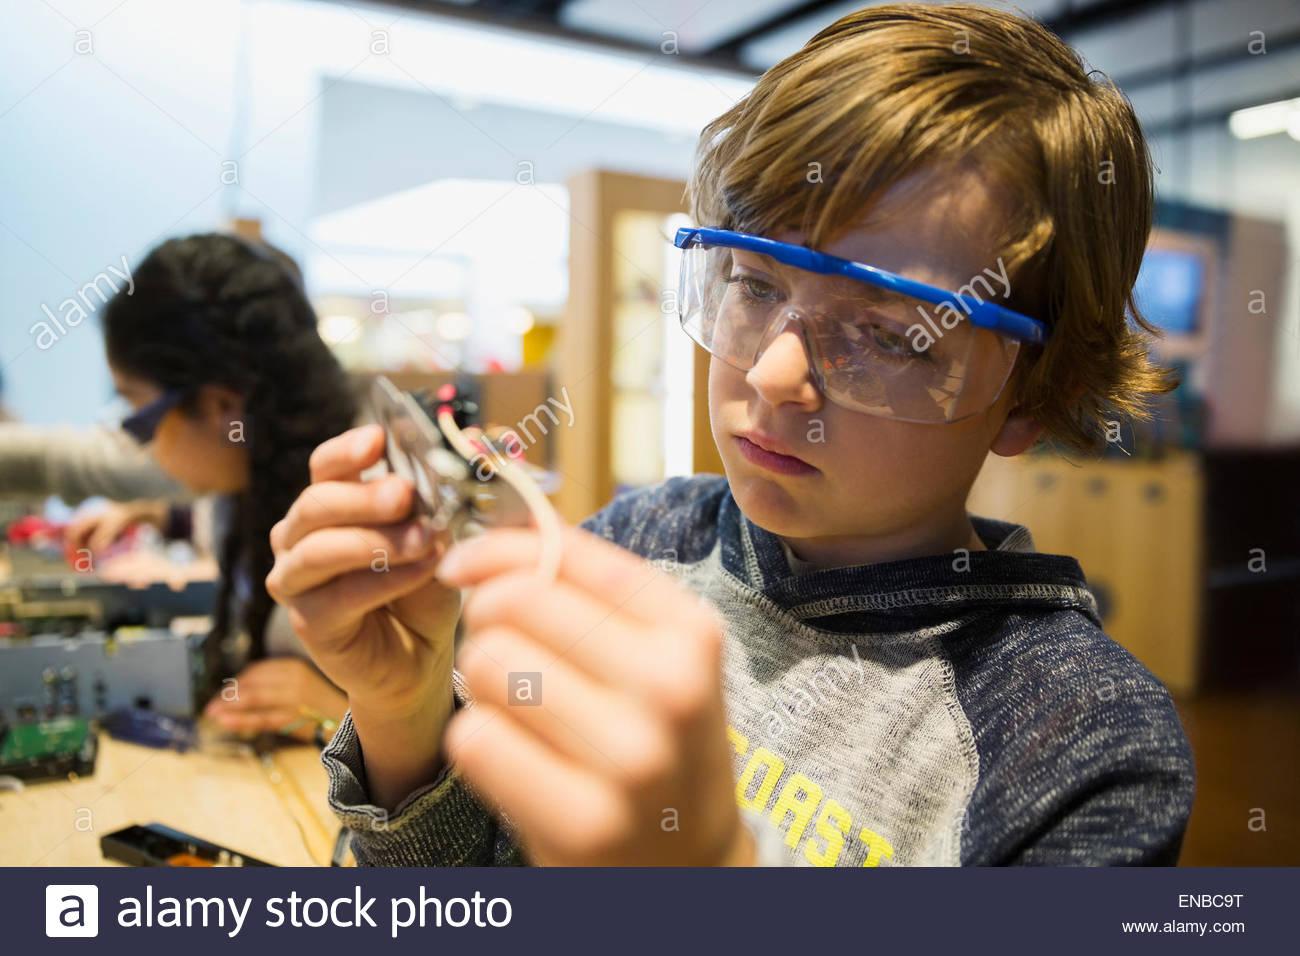 Garçon curieux assemblage circuit électronique à science center Photo Stock